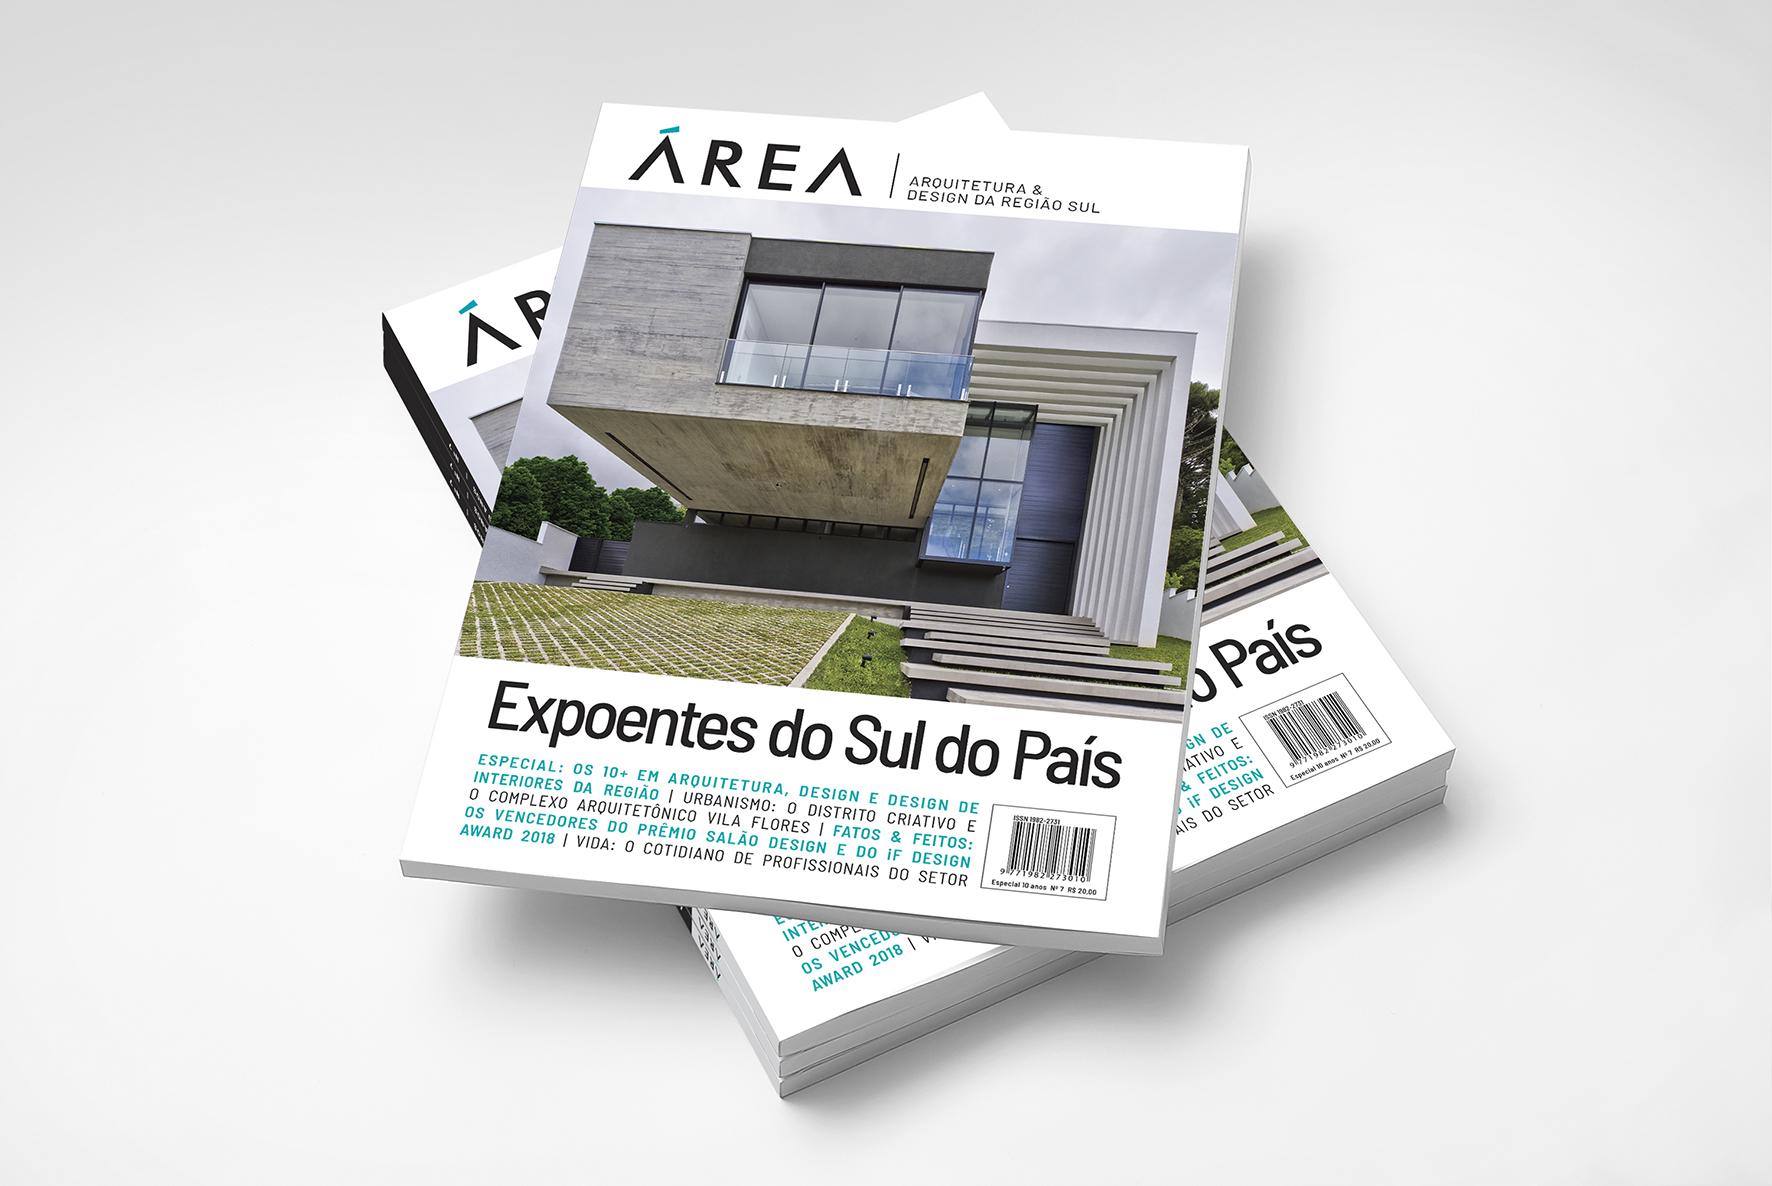 Revista ÁREA lança edição comemorativa com o especial 10 + da região Sul